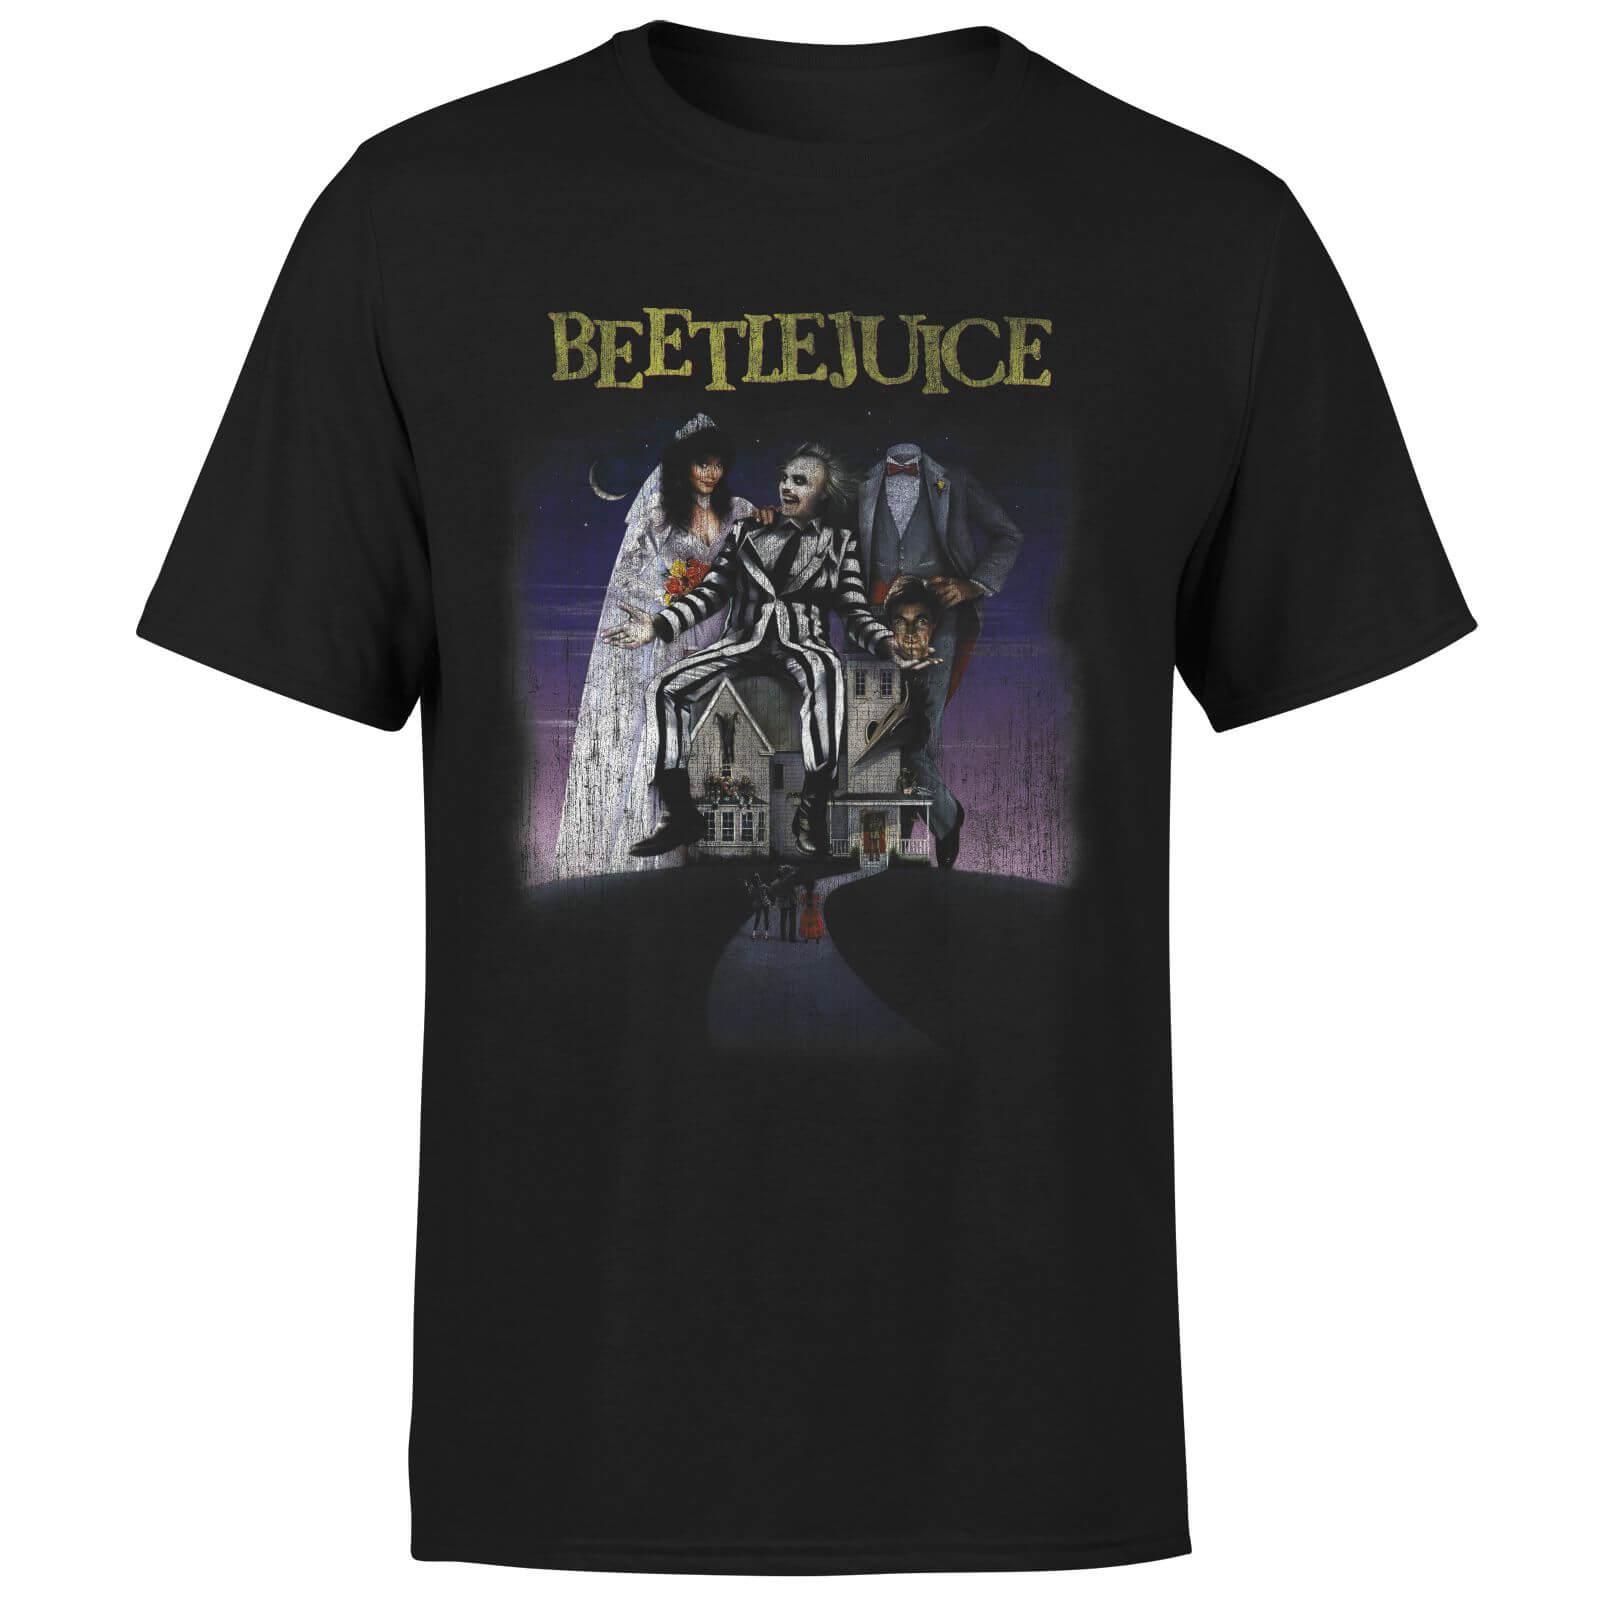 Beetlejuice T-Shirt Homme Affiche Abîmée Beetlejuice - Noir - M - Noir